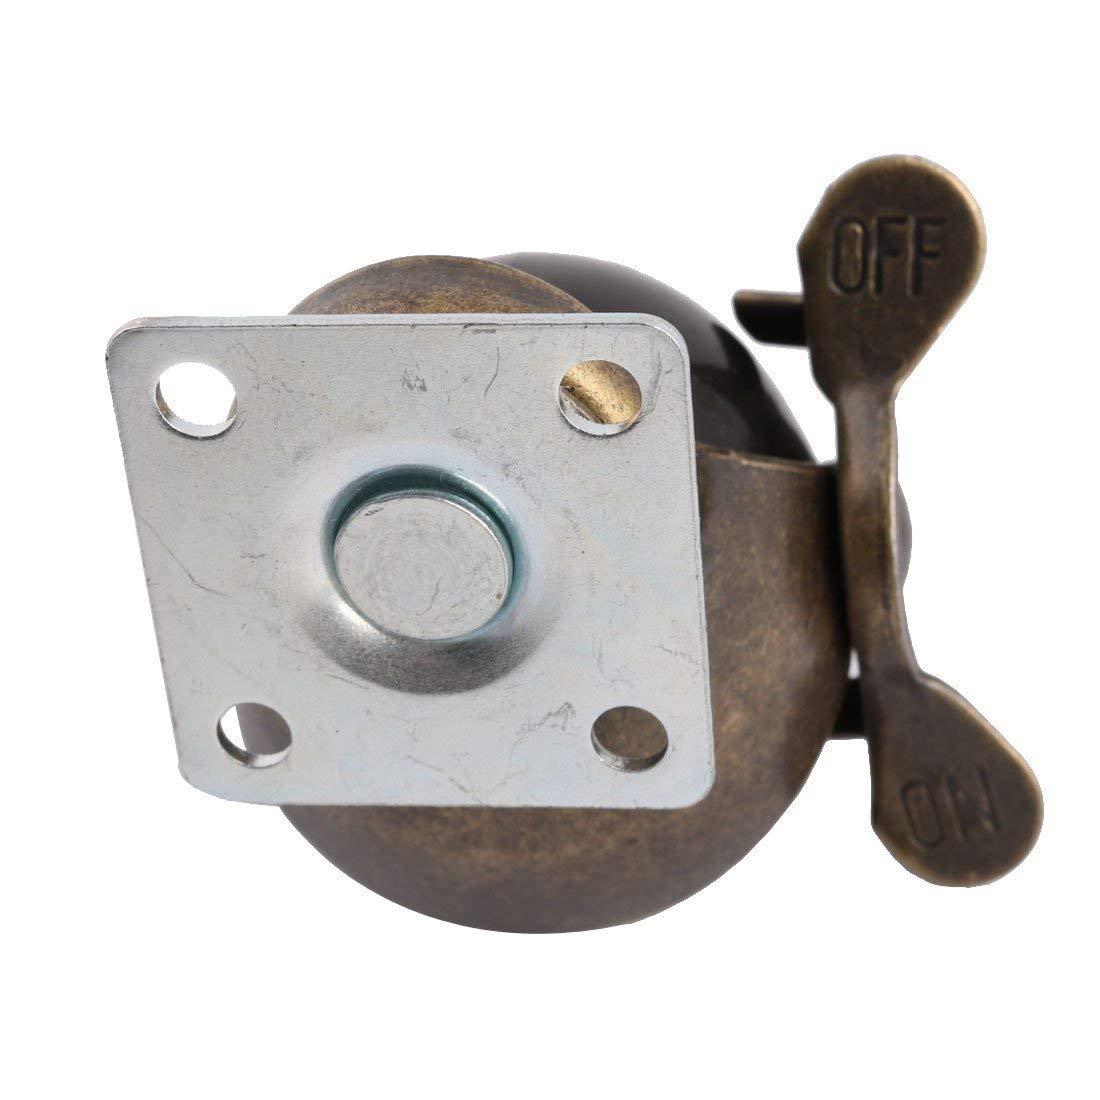 Útil [4 pacote] roda de rodízio de bola com capuz placa superior giratória, bronze antigo (1.5 polegadas com freio)-1